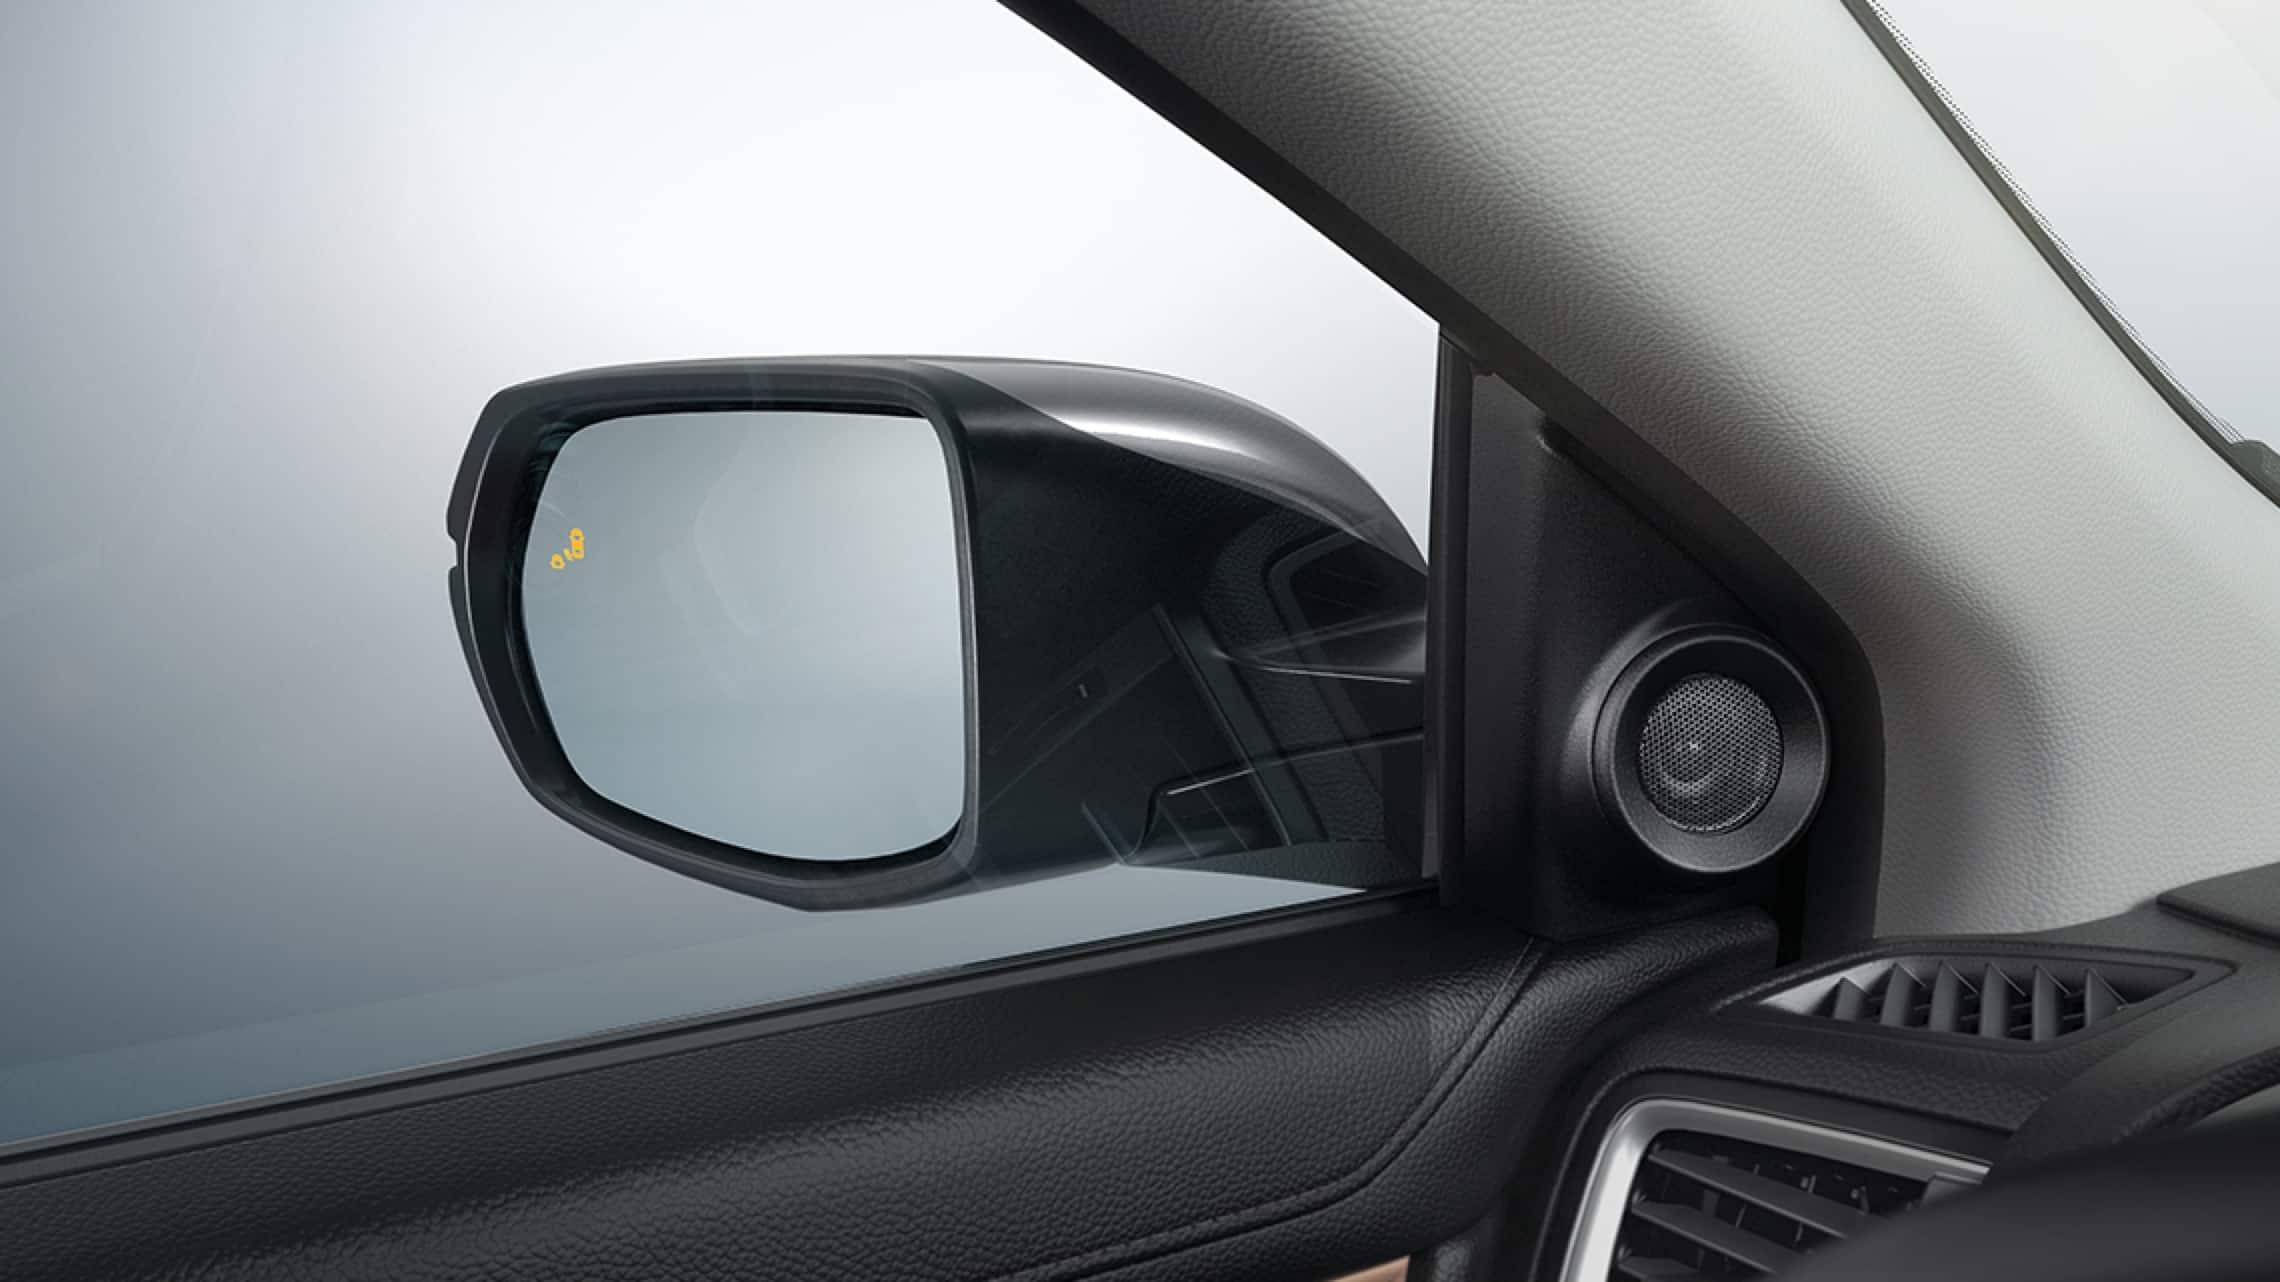 Honda CR-V Touring2019 con icono de advertencia del sistema de información de puntos ciegos en el espejo lateral.